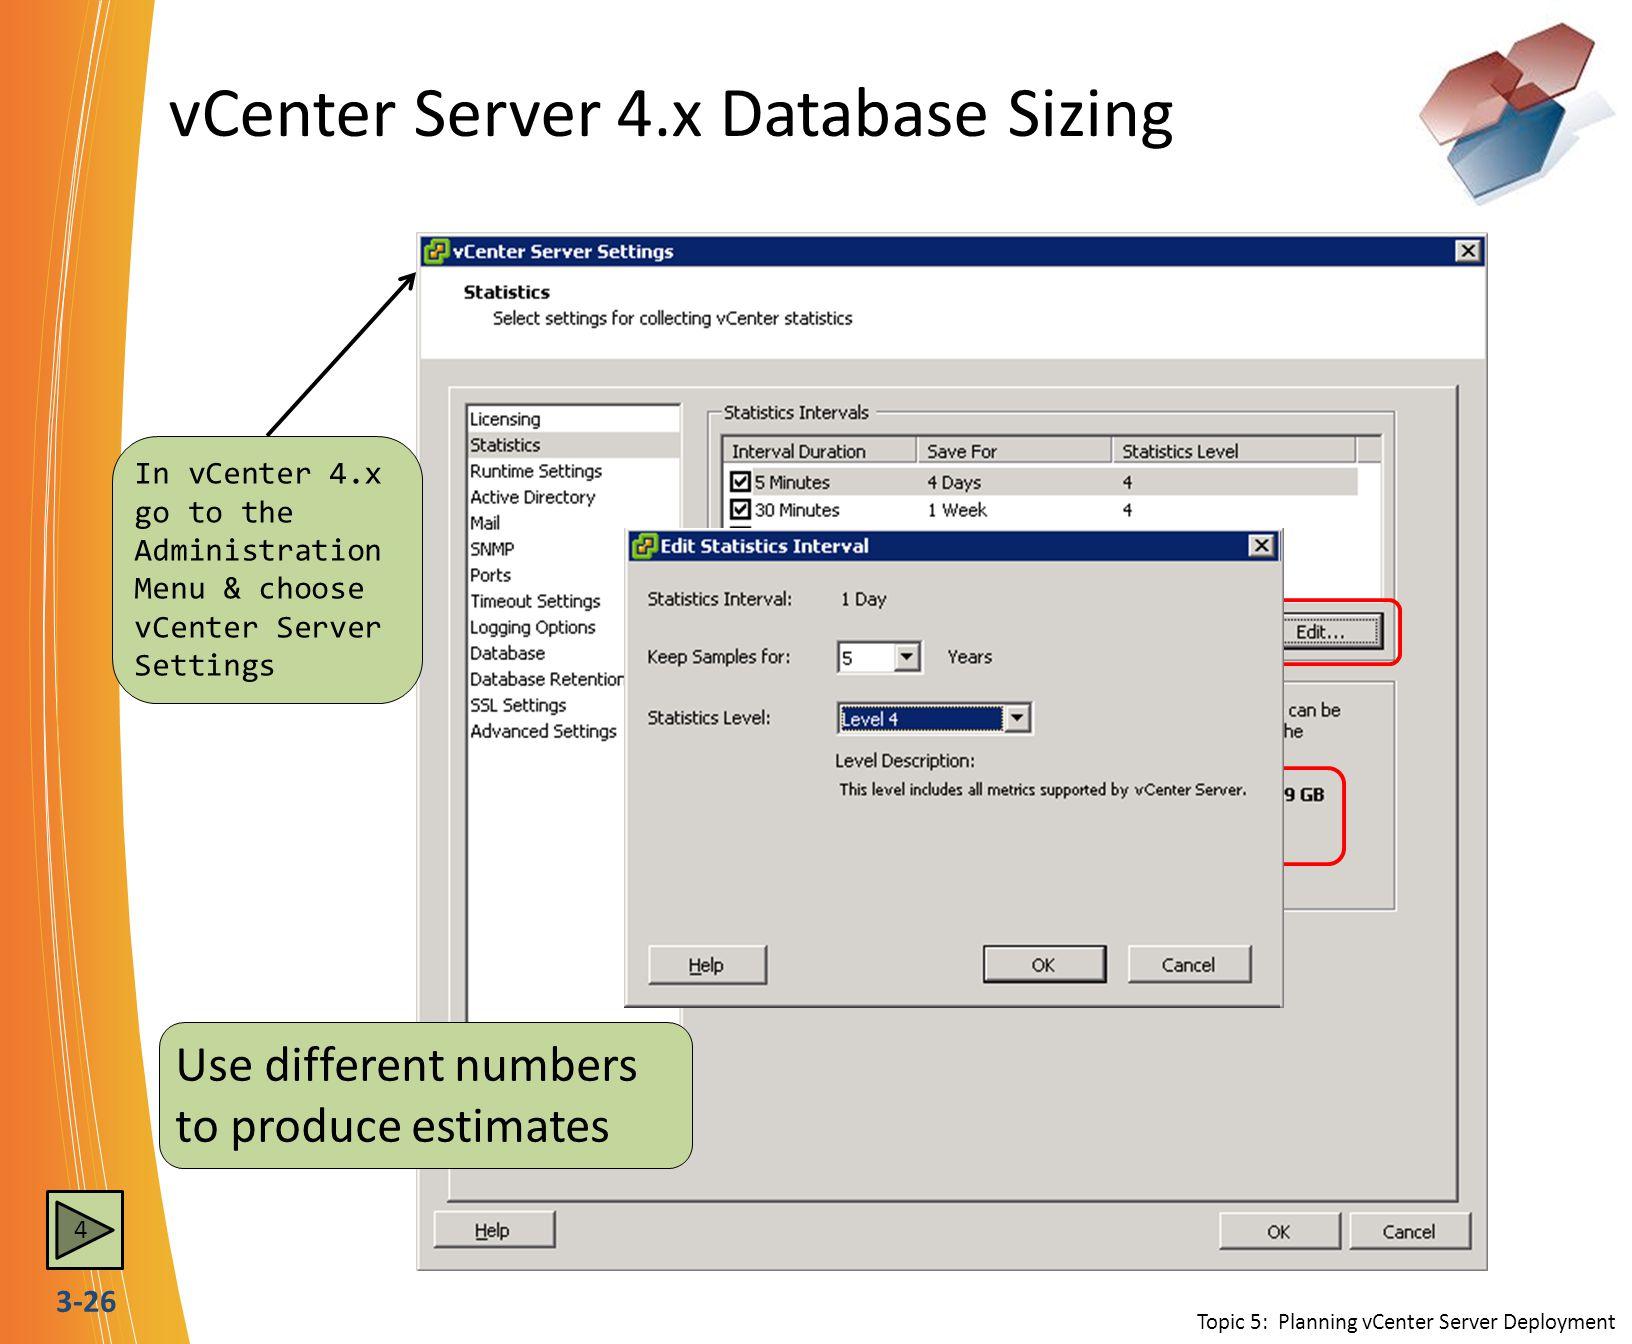 vCenter Server 4.x Database Sizing